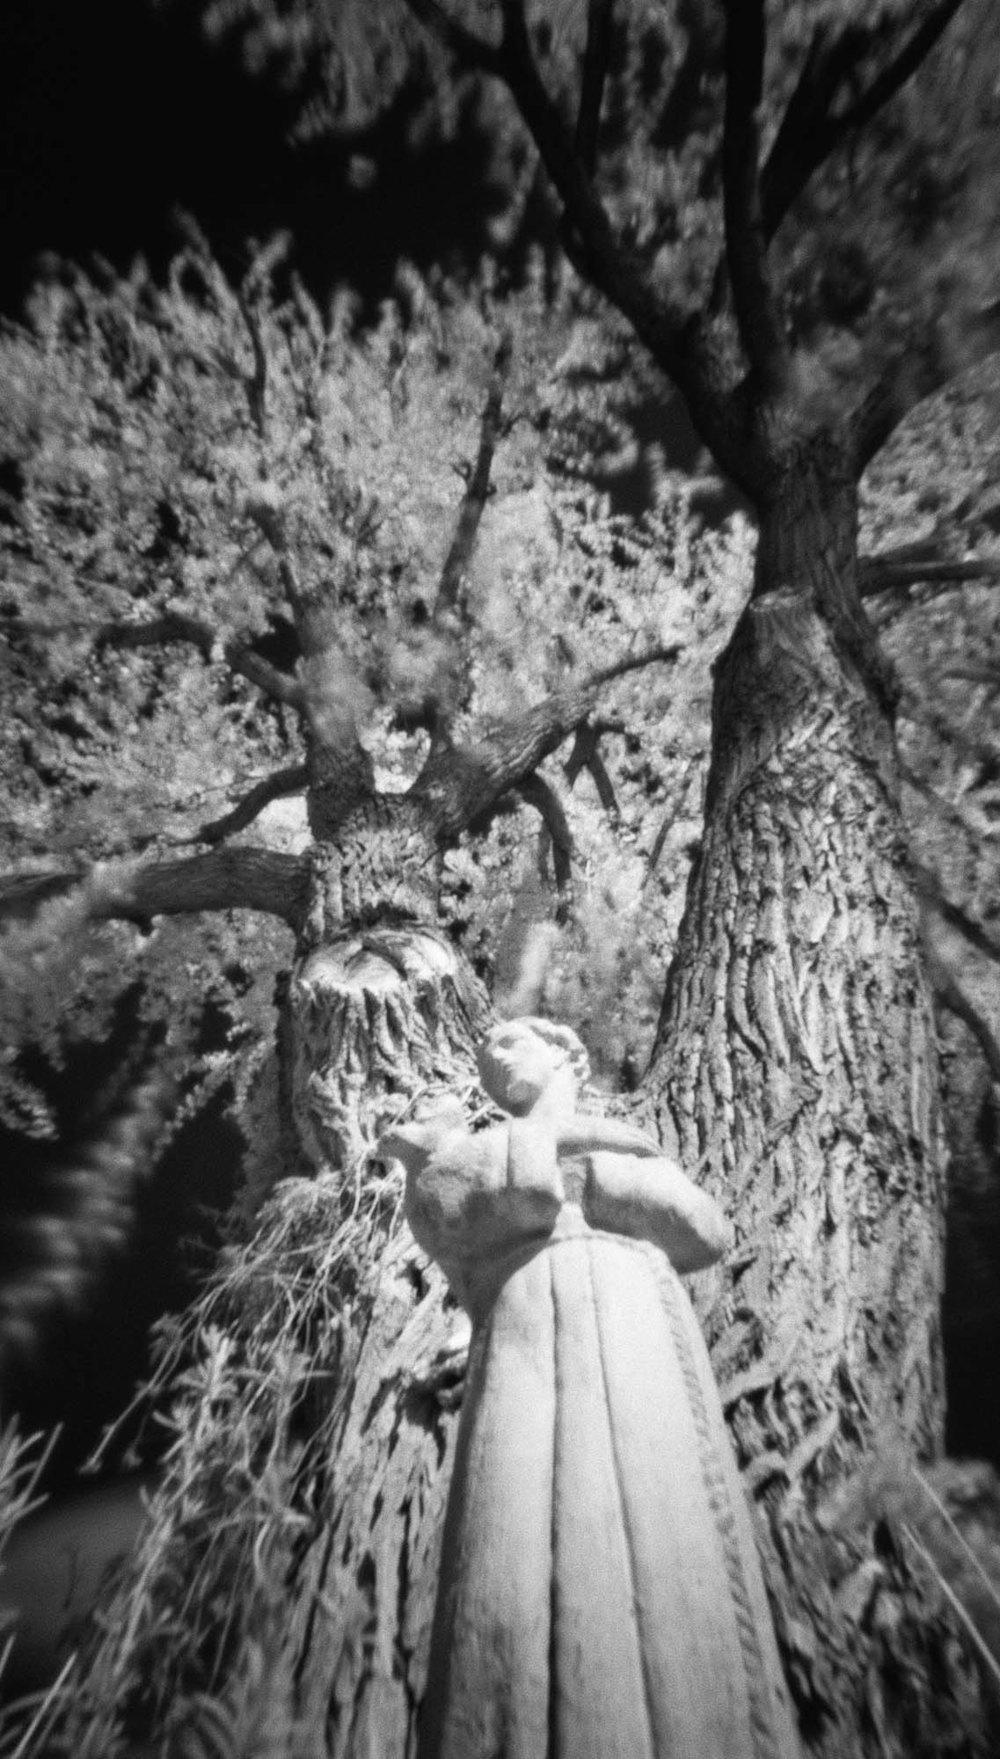 Aunt Jean's Tree